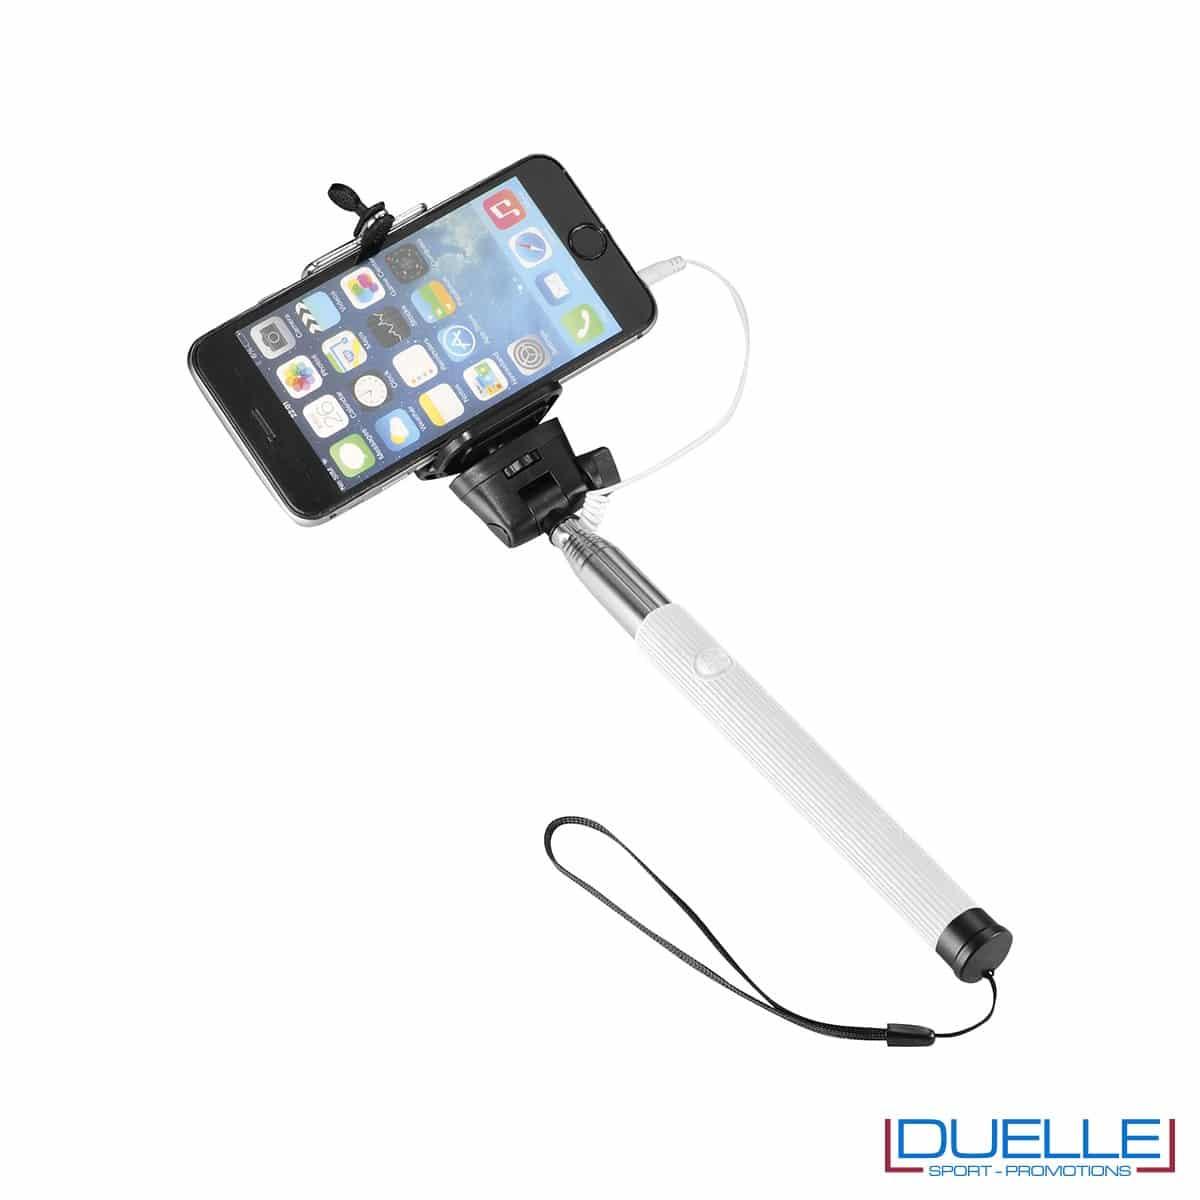 bastone per selfie personalizzato in colore bianco, articoli promozionali per smartphone personalizzati in colore bianco